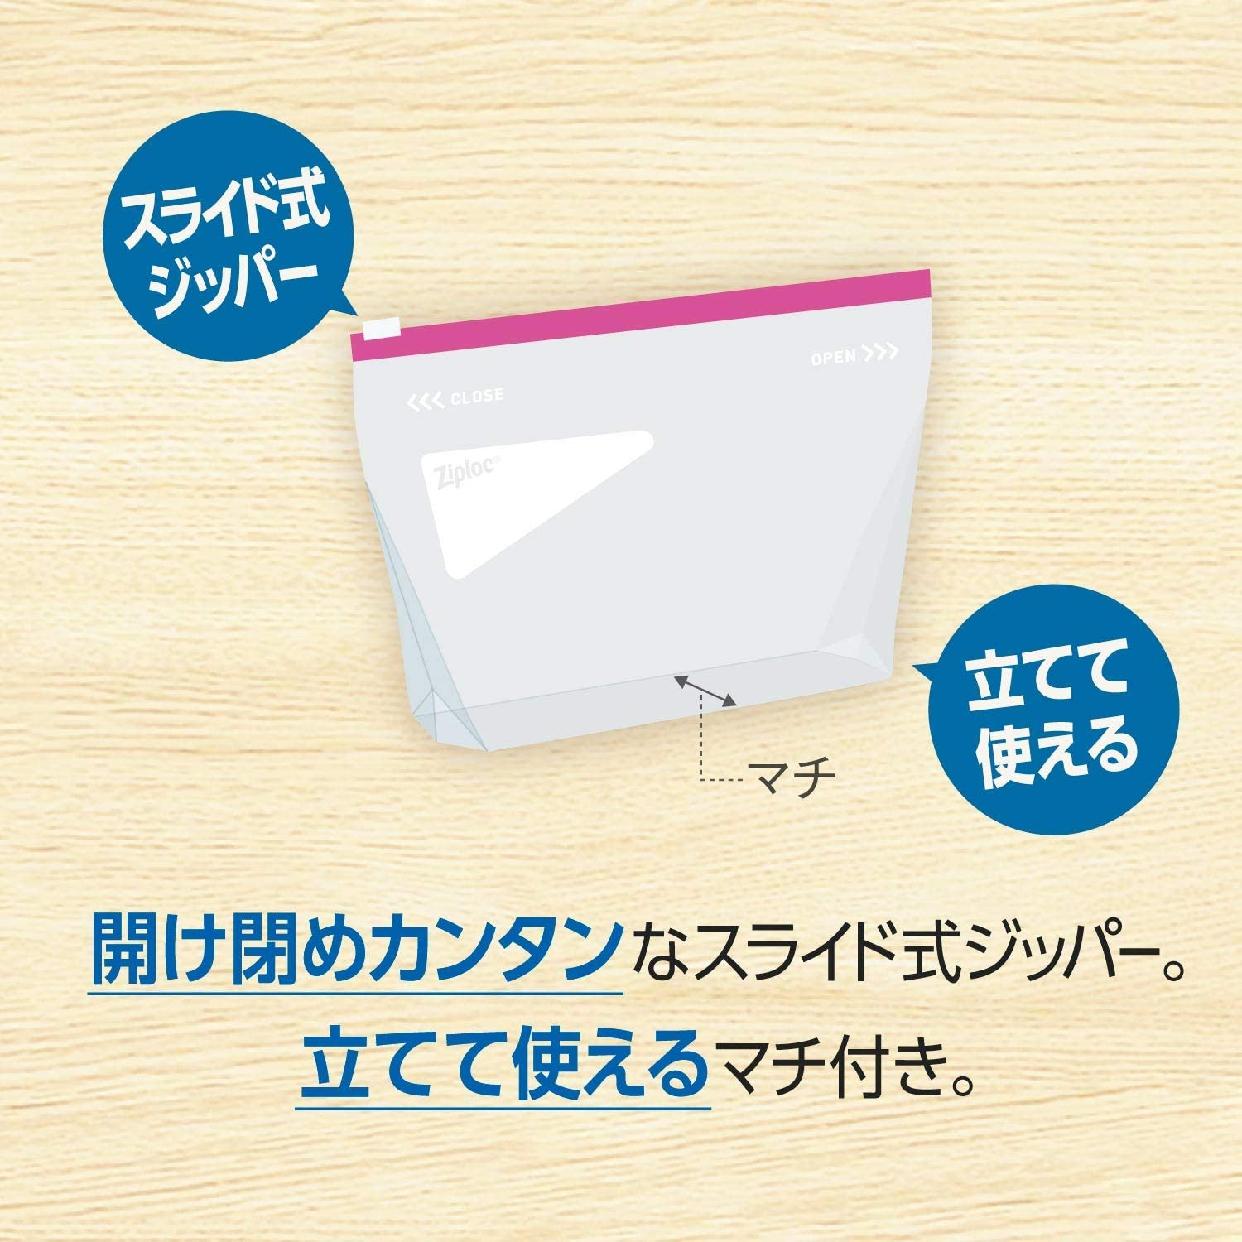 Ziploc(ジップロック) スタイル マチ付き イージージッパー Lサイズの商品画像2